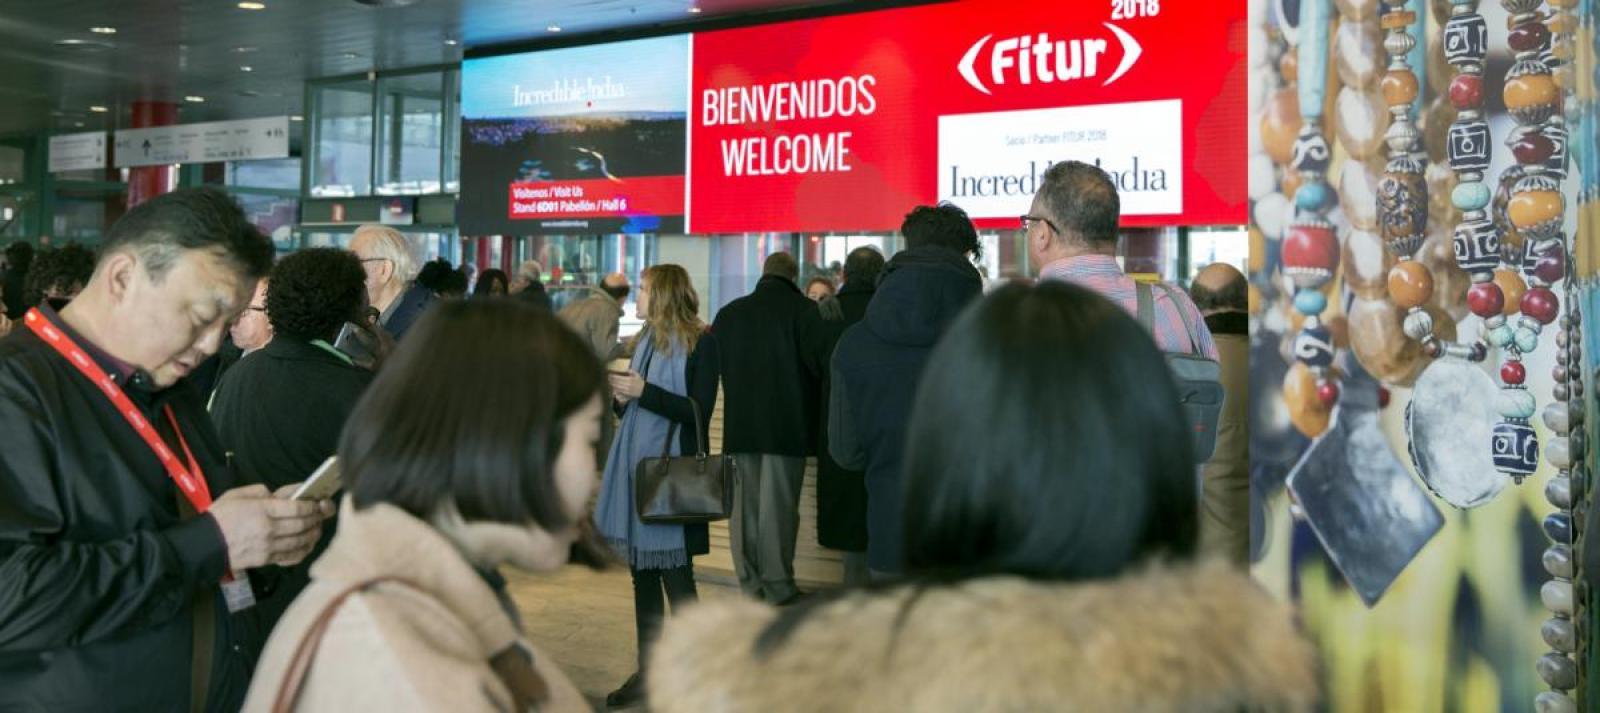 FiturNext promocionará el turismo sostenible.